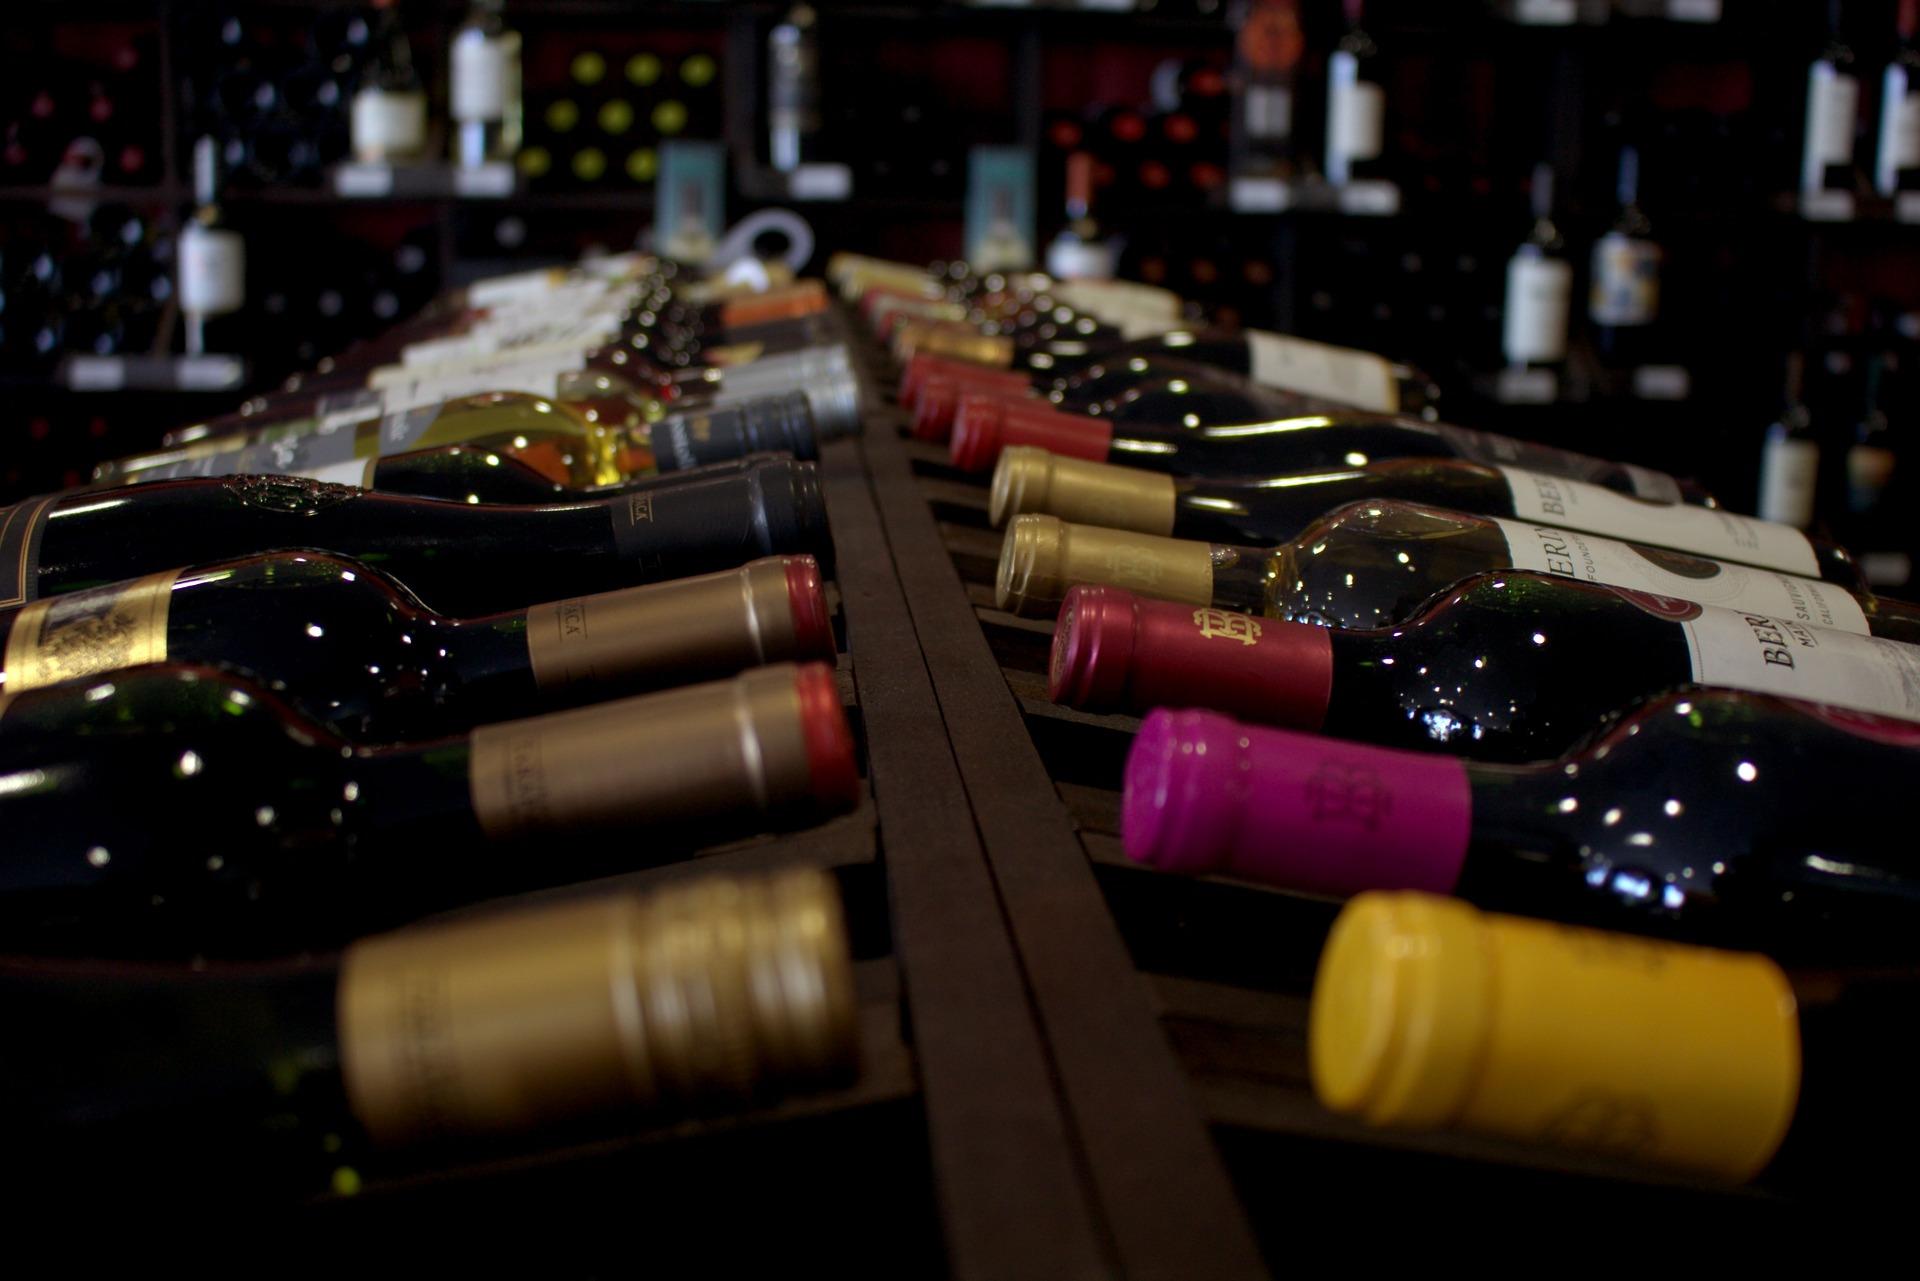 ¿Cómo identificar una mala botella de vino?